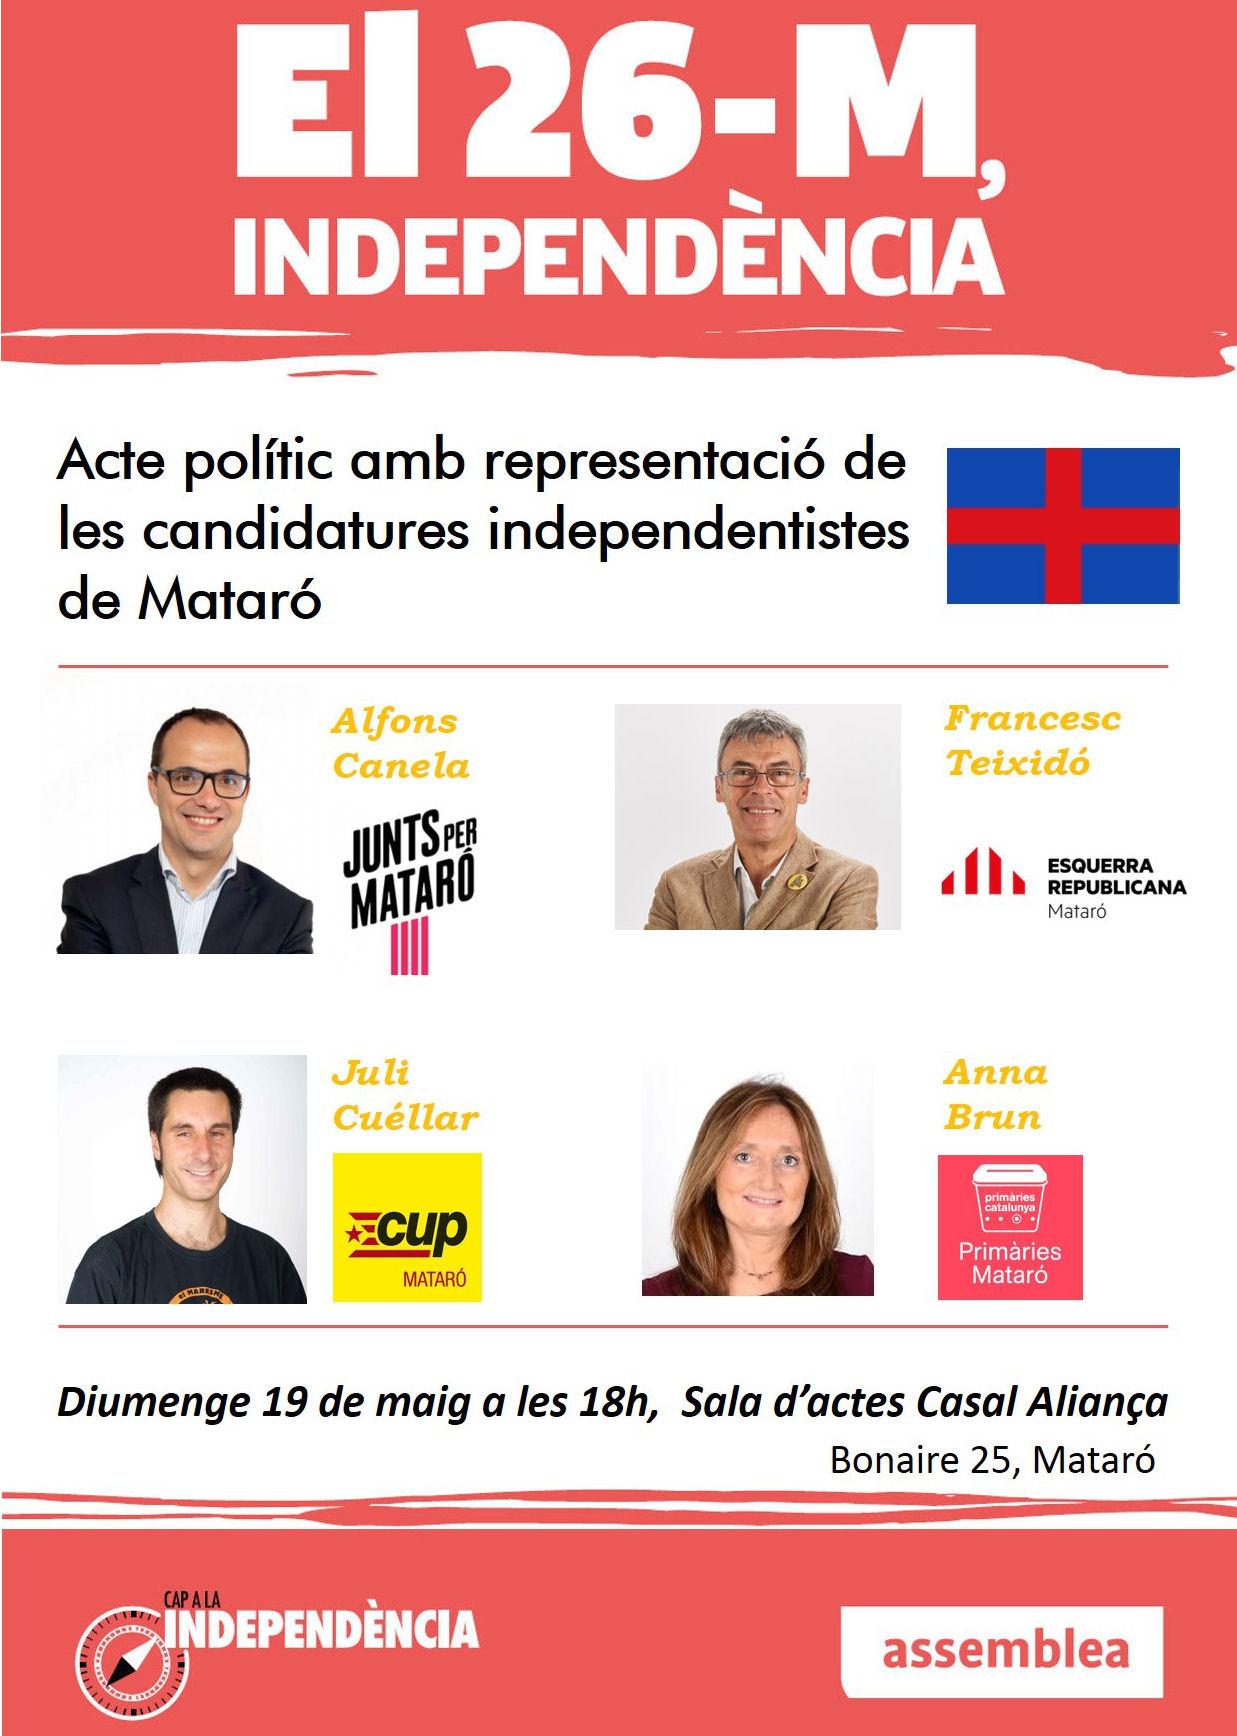 El 26 -M, independència!